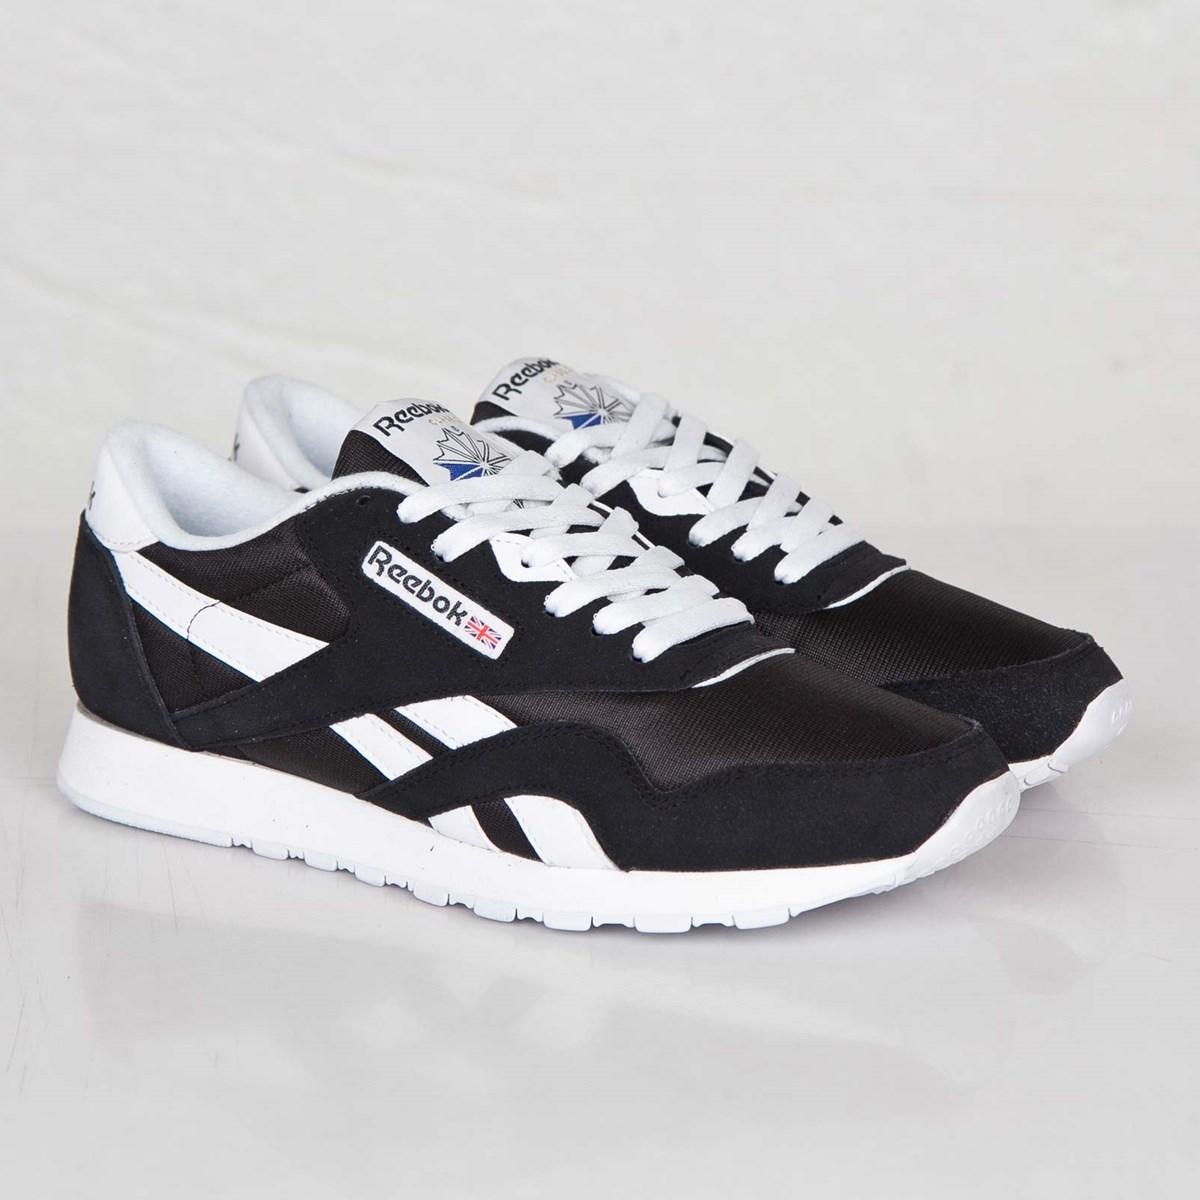 reebok classic nylon 6604 sneakers   streetwear på nätet sen 1999.  SNEAKERSNSTUFF a003b29d6